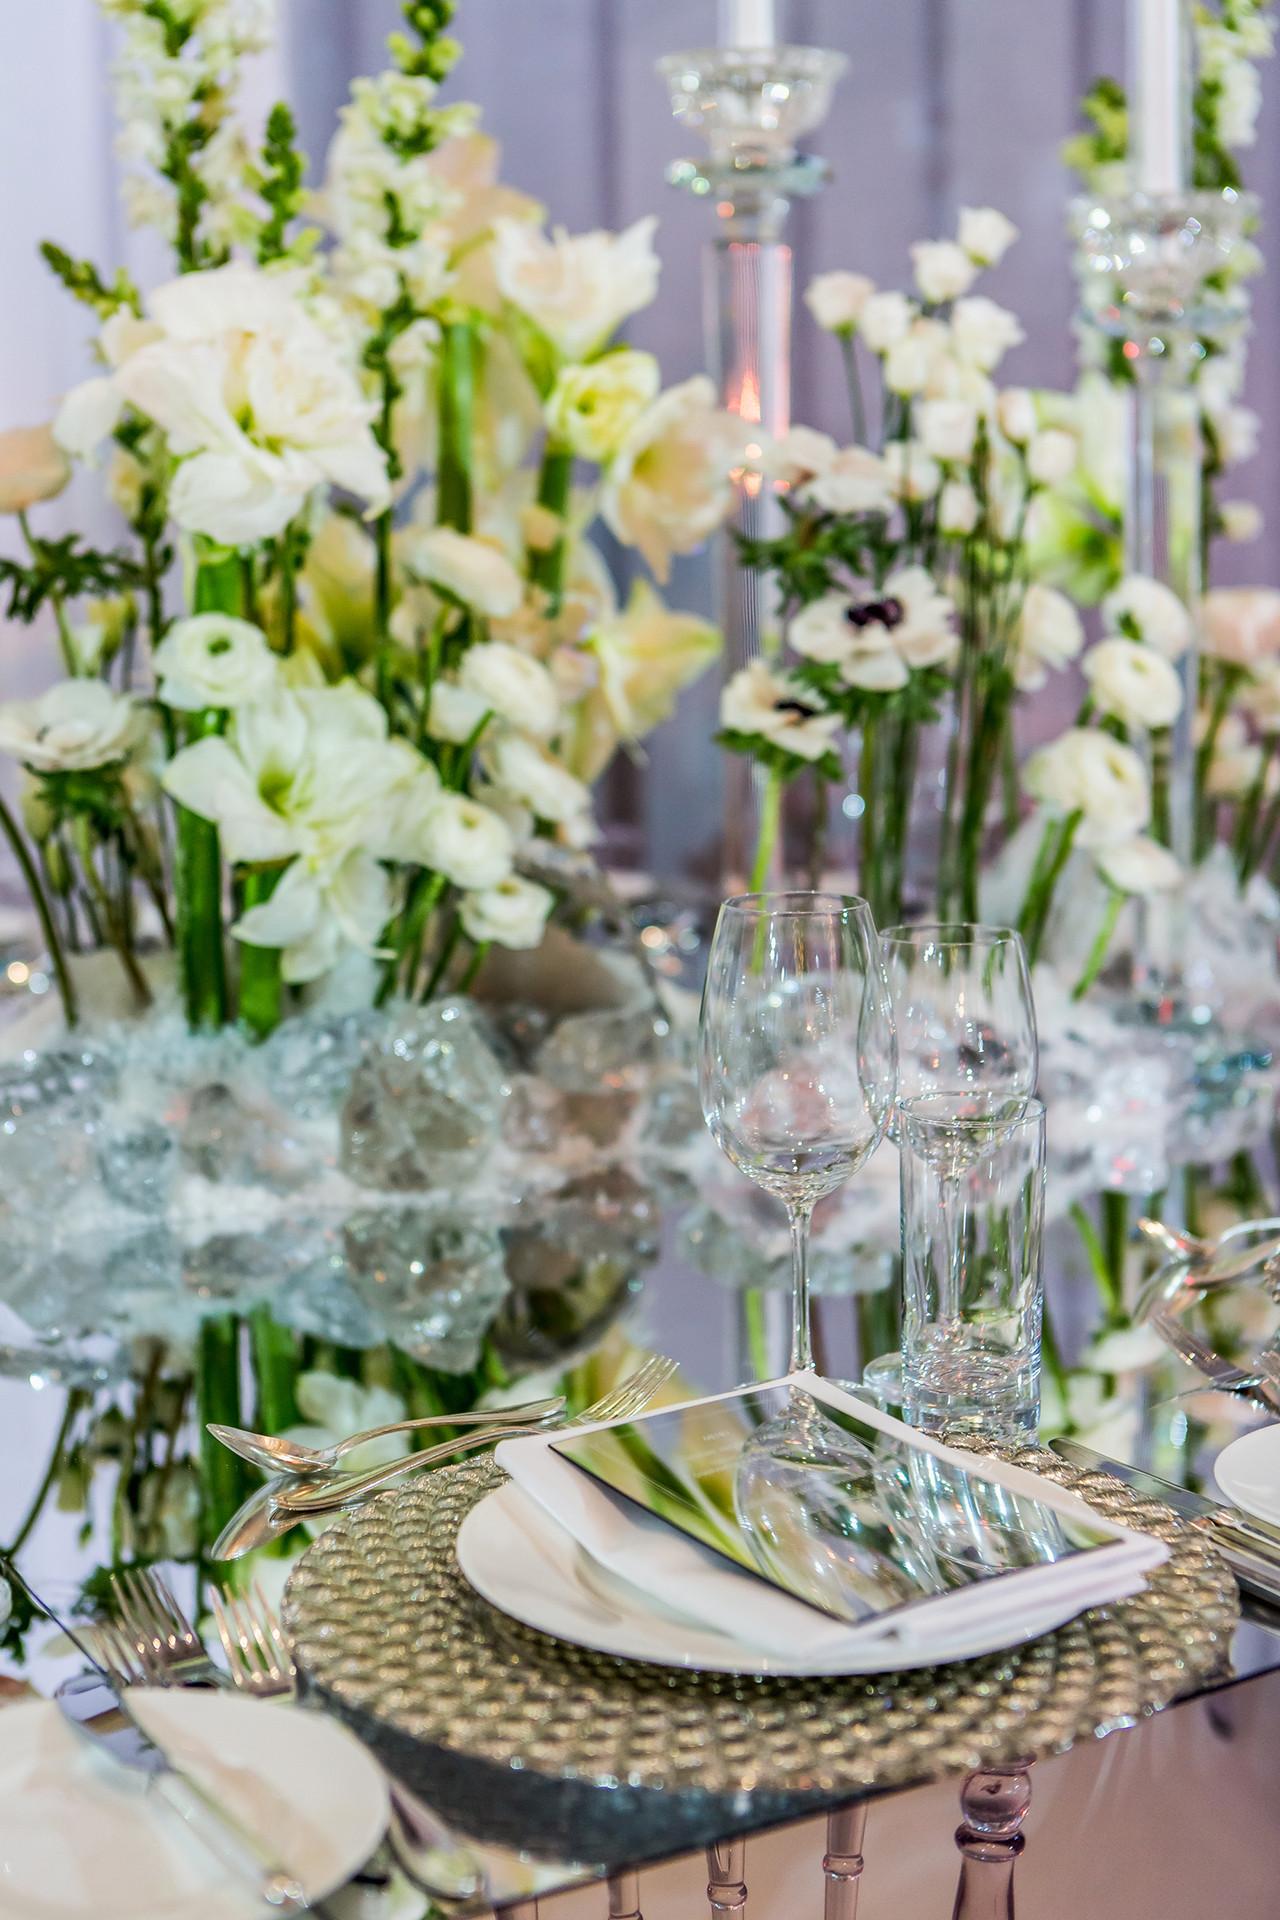 Свадьба в отеле: 5 неоспоримых плюсов